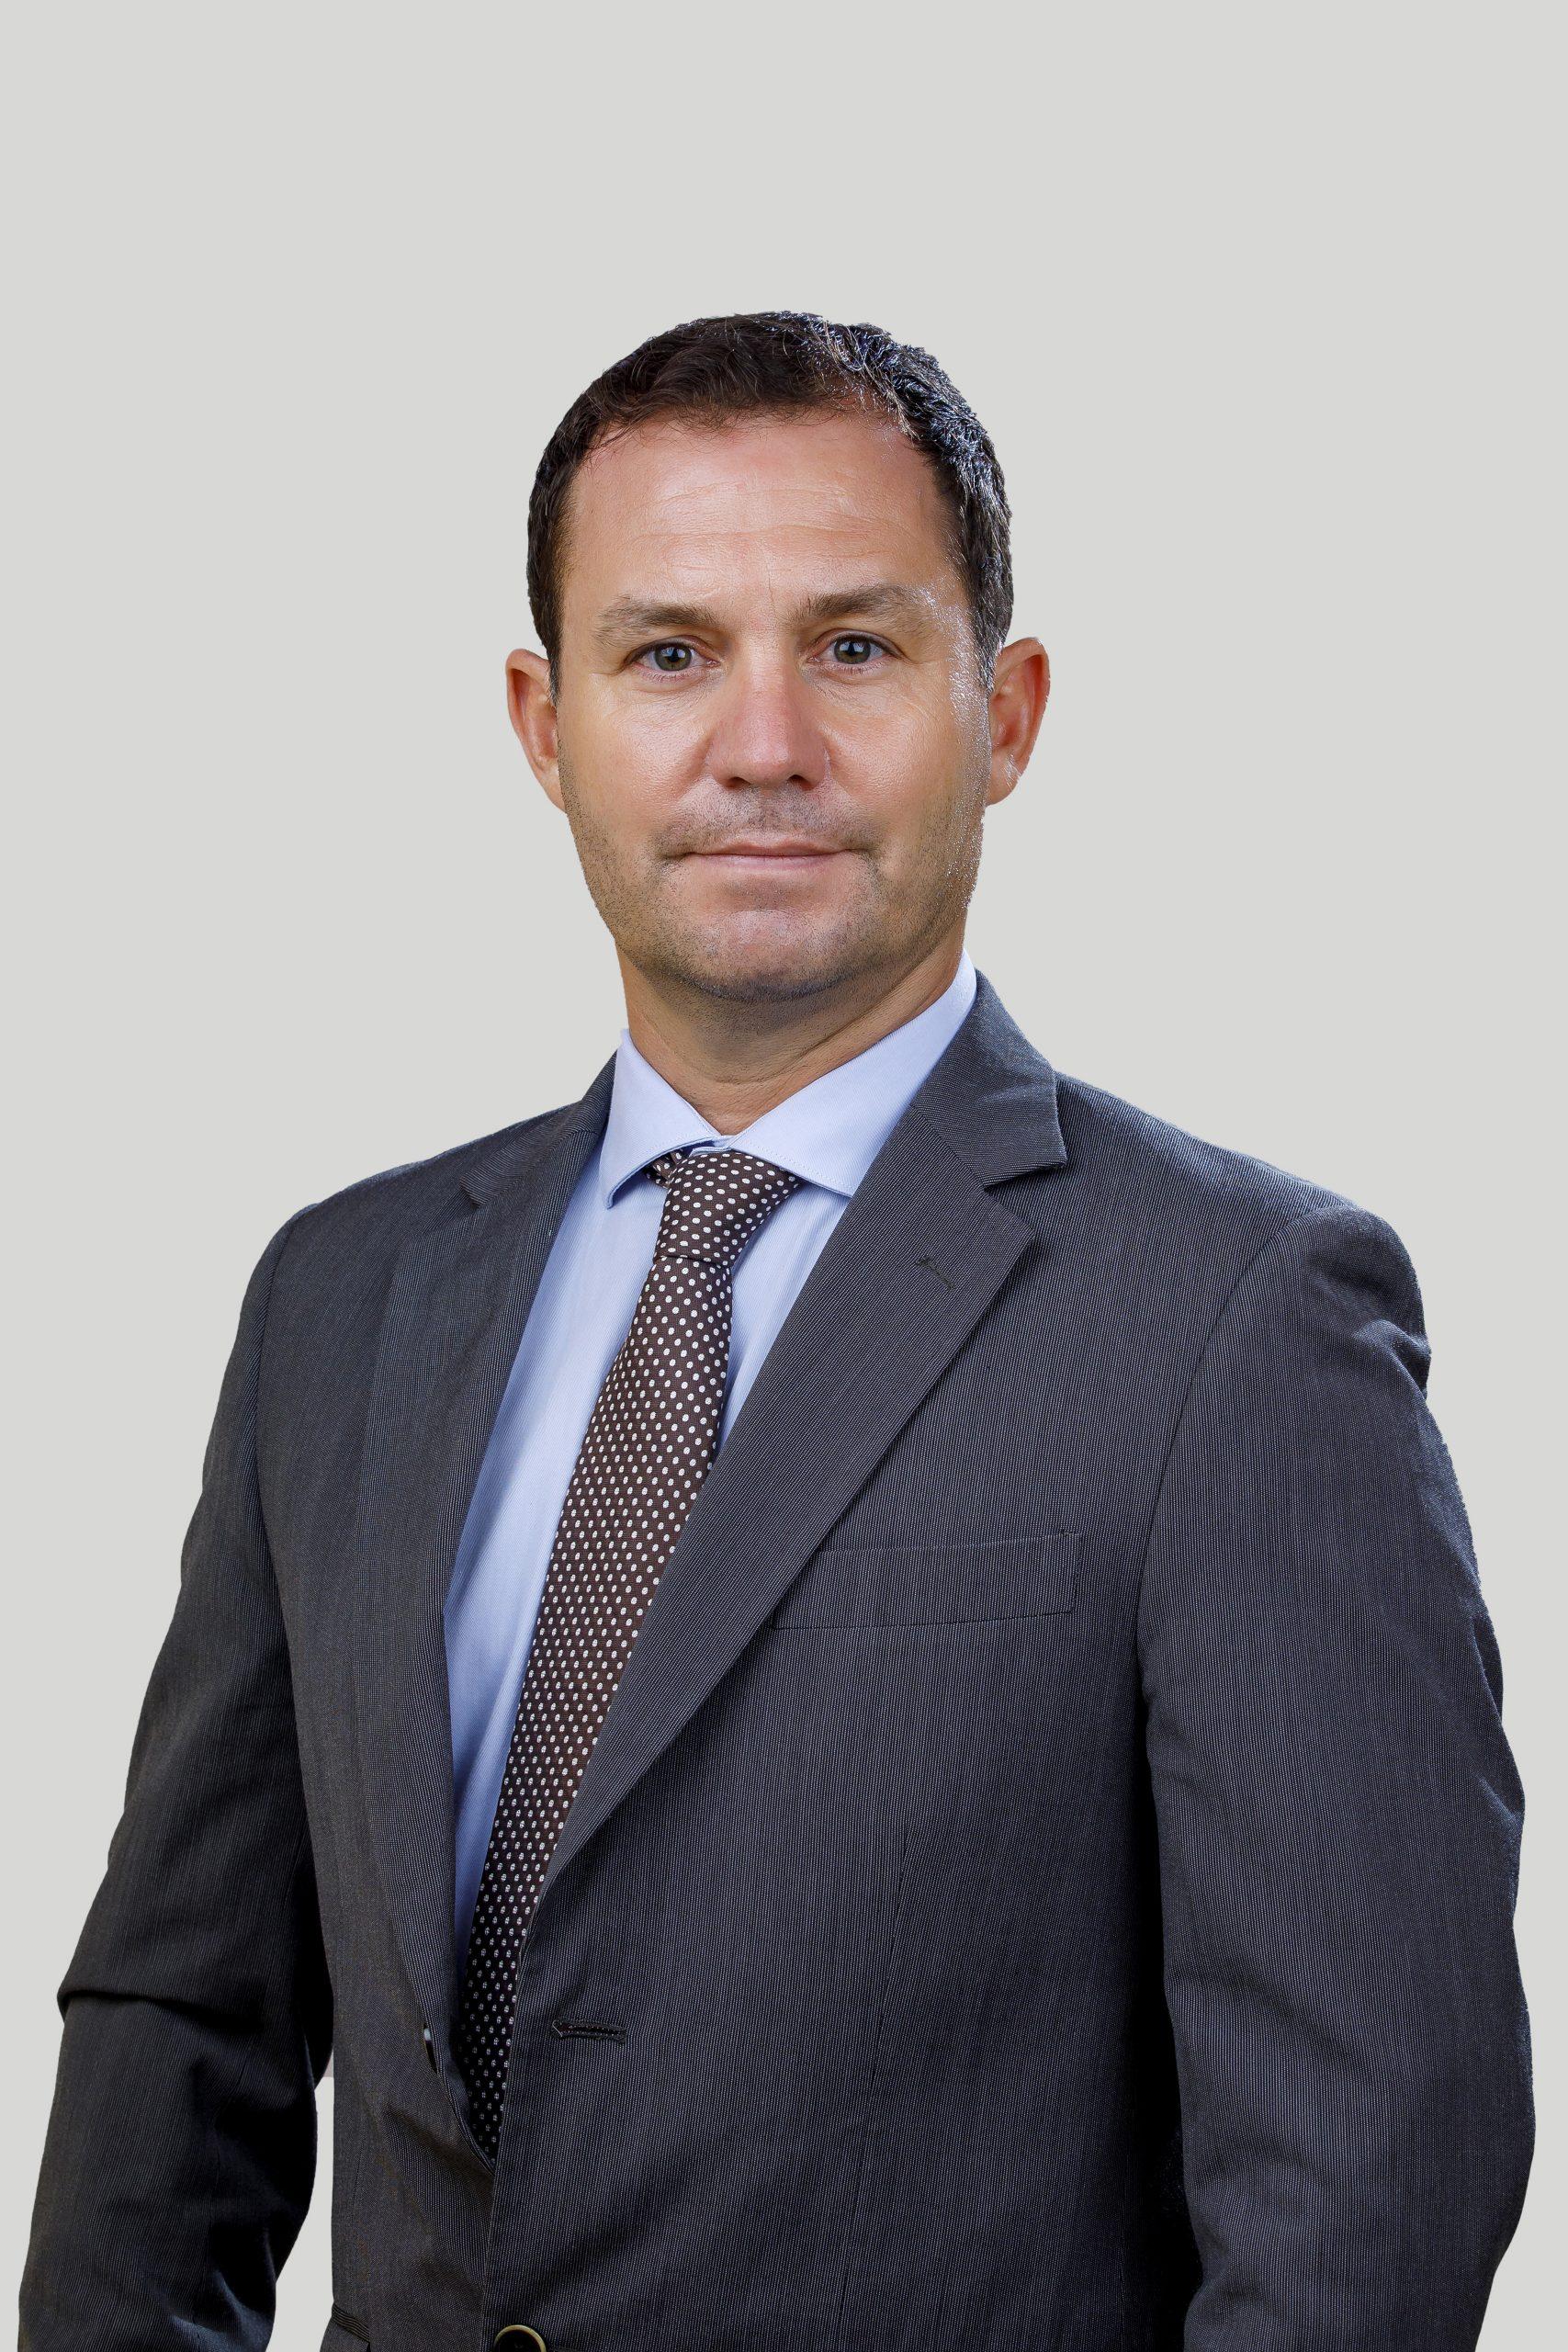 Lecturer Edward Carlisle Hogshire